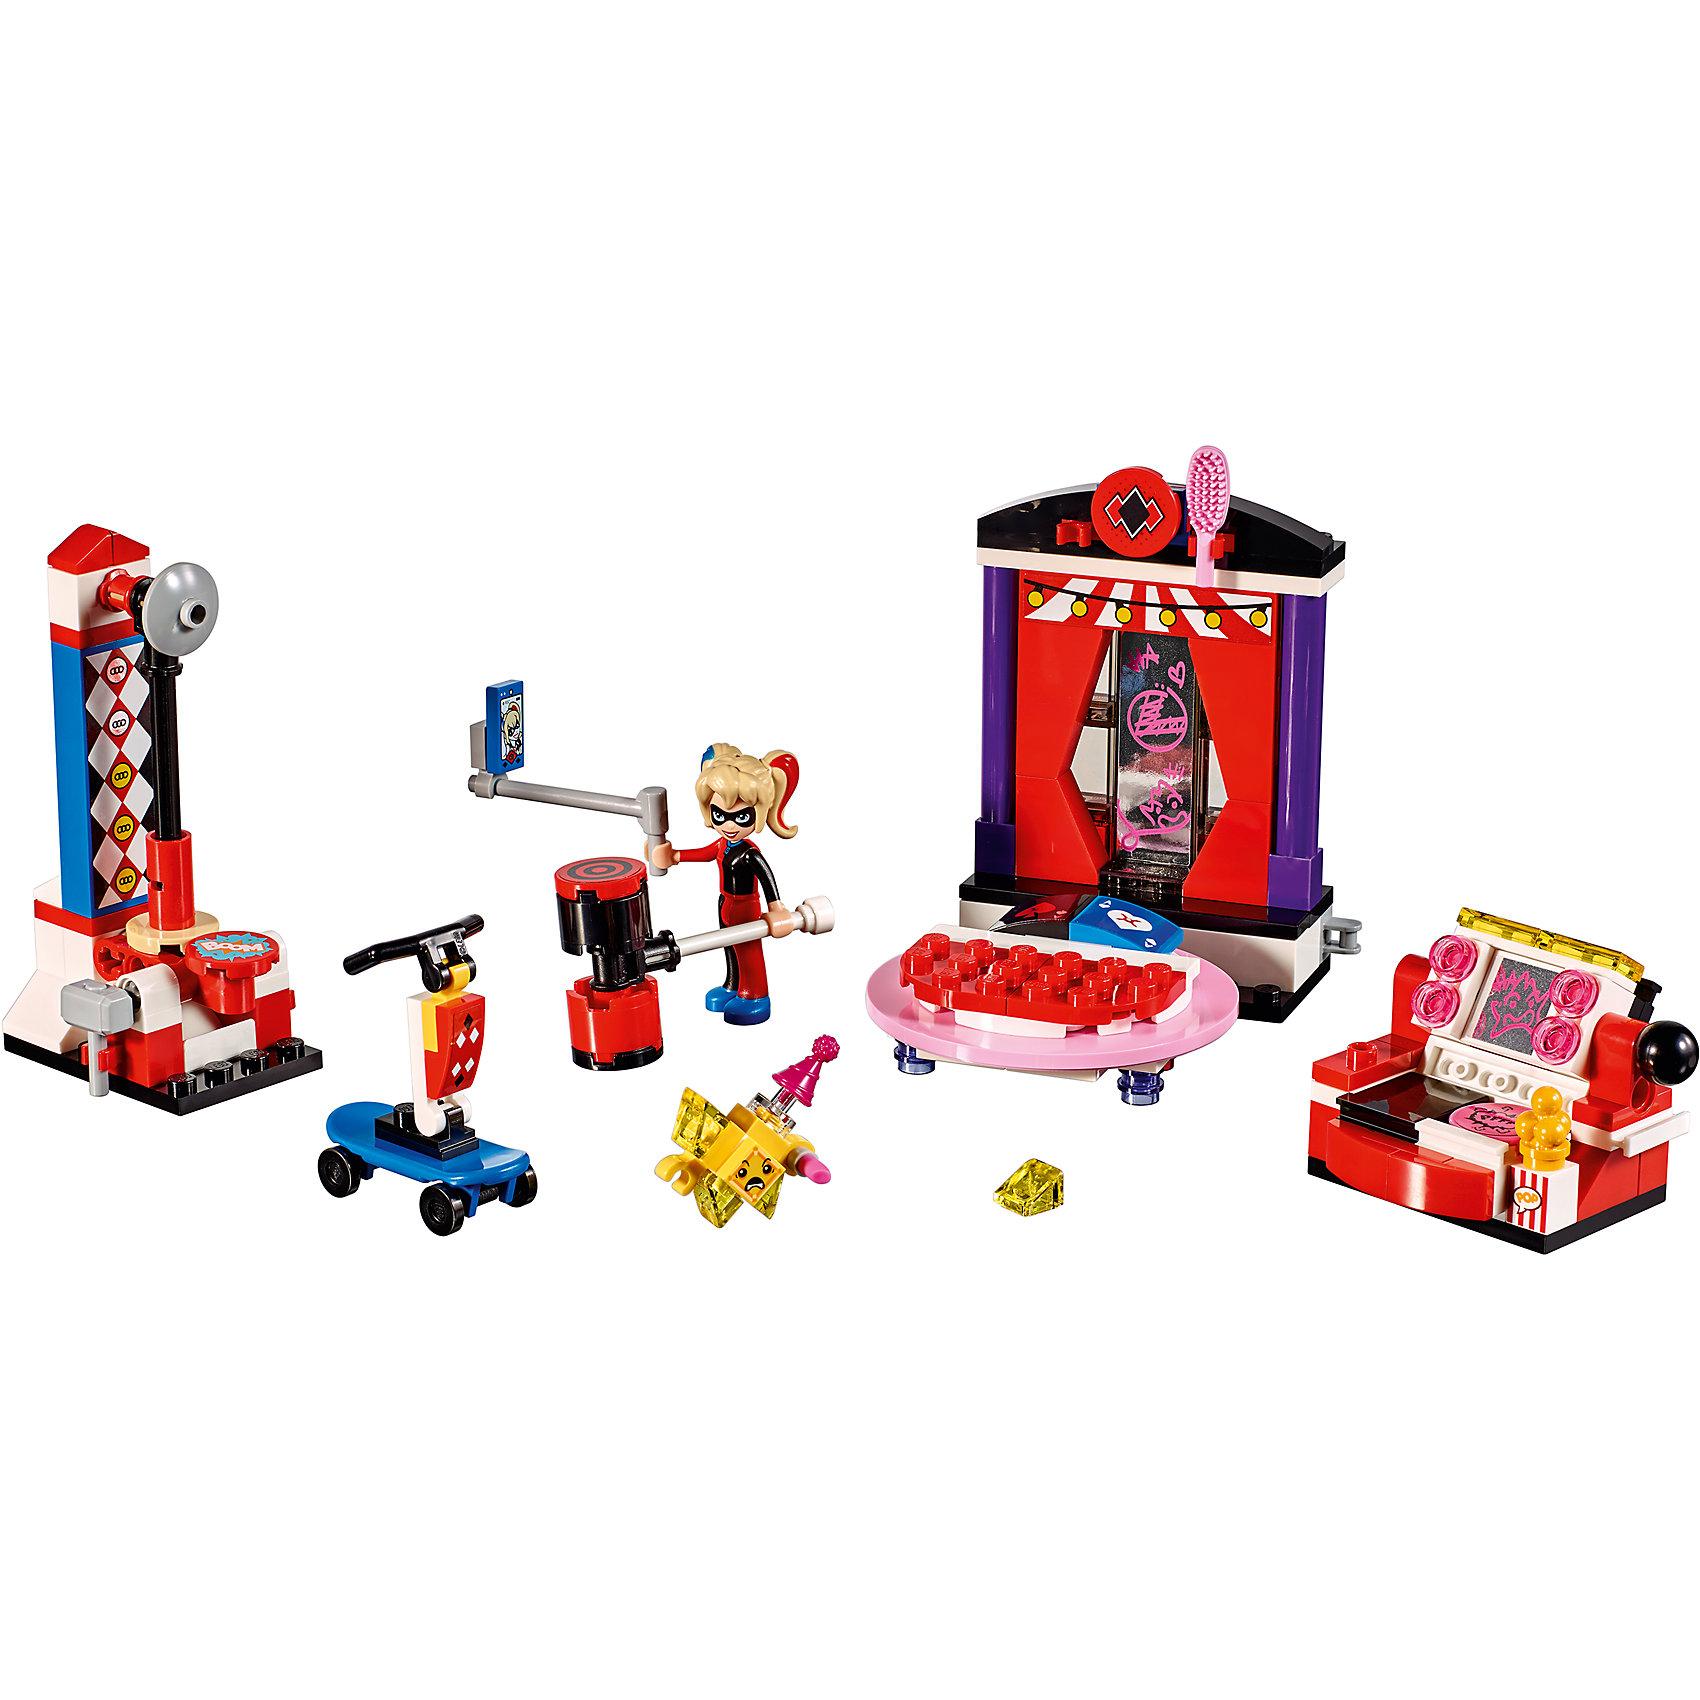 Конструктор Lego DC Super Girls 41236: Дом Харли КвиннПластмассовые конструкторы<br>Характеристики товара:<br><br>• возраст: от 7 лет;<br>• материал: пластик;<br>• в комплекте: 176 деталей;<br>• количество минифигурок: 1<br>• размер кровати: 9х6х3 см;<br>• размер дивана: 4х4х4 см;<br>• размер измерителя силы: 9х4х4 см;<br>• размер упаковки: 20,5х19,1х6,1 см;<br>• вес упаковки: 265 гр.;<br>• страна производитель: Китай.<br><br>Конструктор Lego DC Super Girls «Дом Харли Квинн» создан по мотивам вселенной DC Comics. Из деталей конструктора предстоит собрать фигурку известной героини Харли Квинн и ее домик. В домике можно встретить не только предметы интерьера, но и игру «Кто сильнее».<br><br>С известной супергероиней девочка сможет придумать свои собственные сюжеты для игры. Сборка конструктора развивает у детей внимательность, усидчивость, мелкую моторику рук.<br><br>Конструктор Lego DC Super Girls «Дом Харли Квинн» можно приобрести в нашем интернет-магазине.<br><br>Ширина мм: 205<br>Глубина мм: 191<br>Высота мм: 61<br>Вес г: 252<br>Возраст от месяцев: 84<br>Возраст до месяцев: 2147483647<br>Пол: Женский<br>Возраст: Детский<br>SKU: 5620038